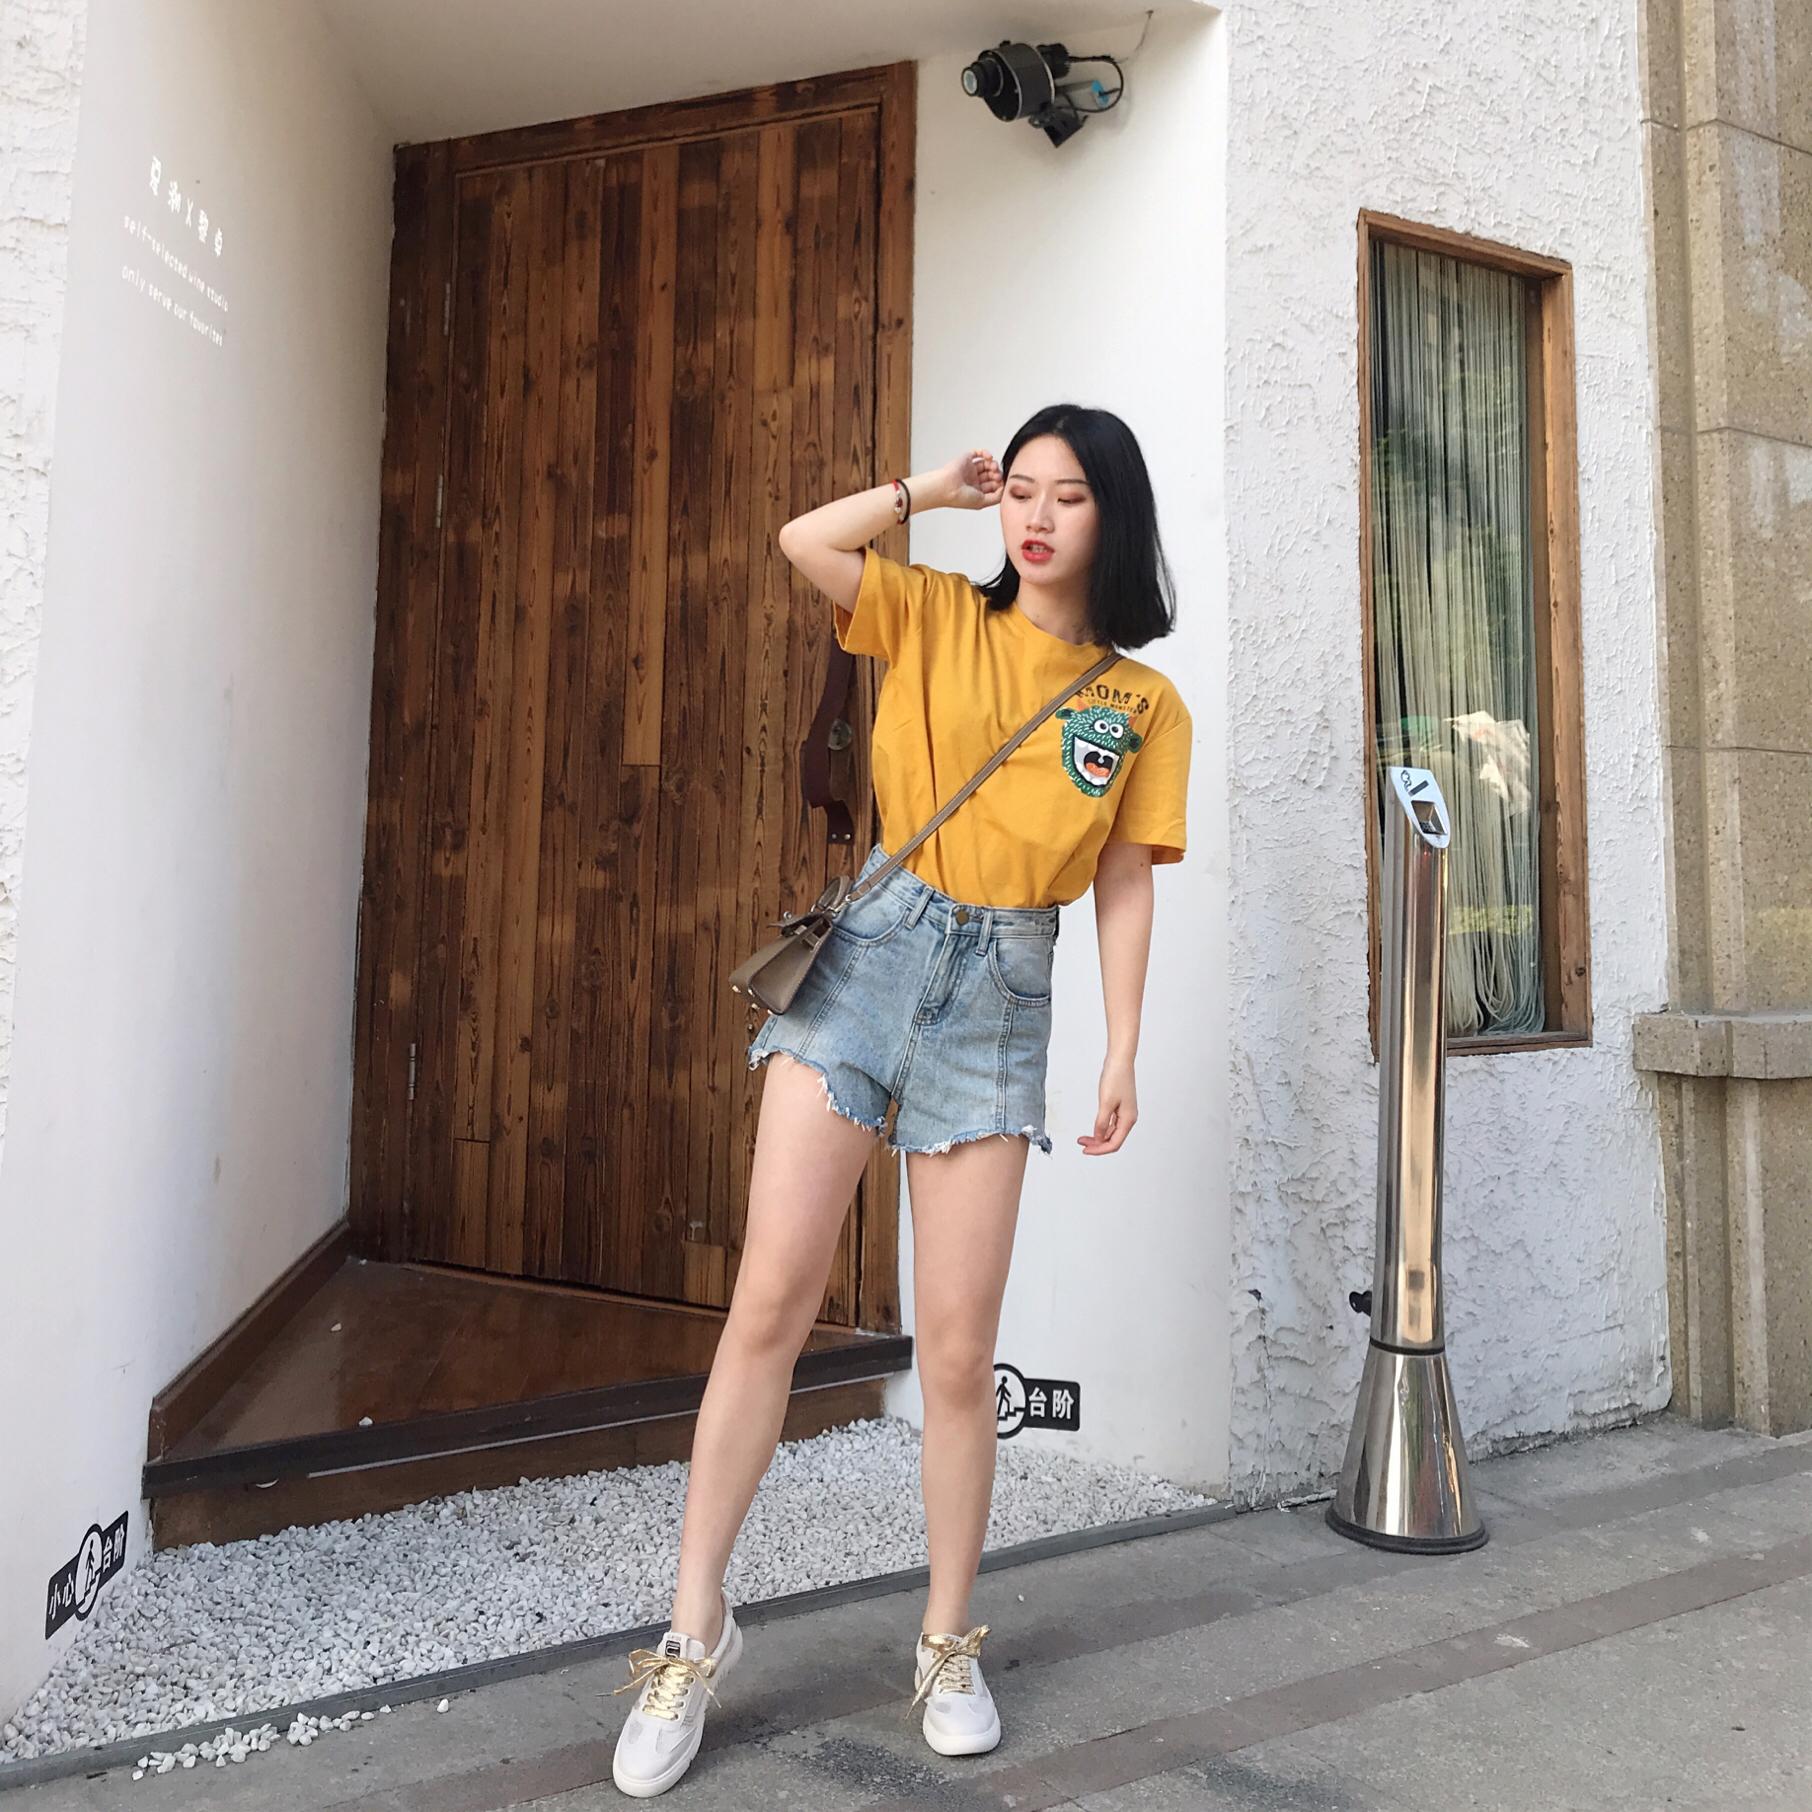 #今夏最爆t恤长什么样# 黄色可爱t恤+做旧牛仔短裤 休闲又减龄的一套look 黄色就是能让人眼前一亮又散发青春活力的气息~